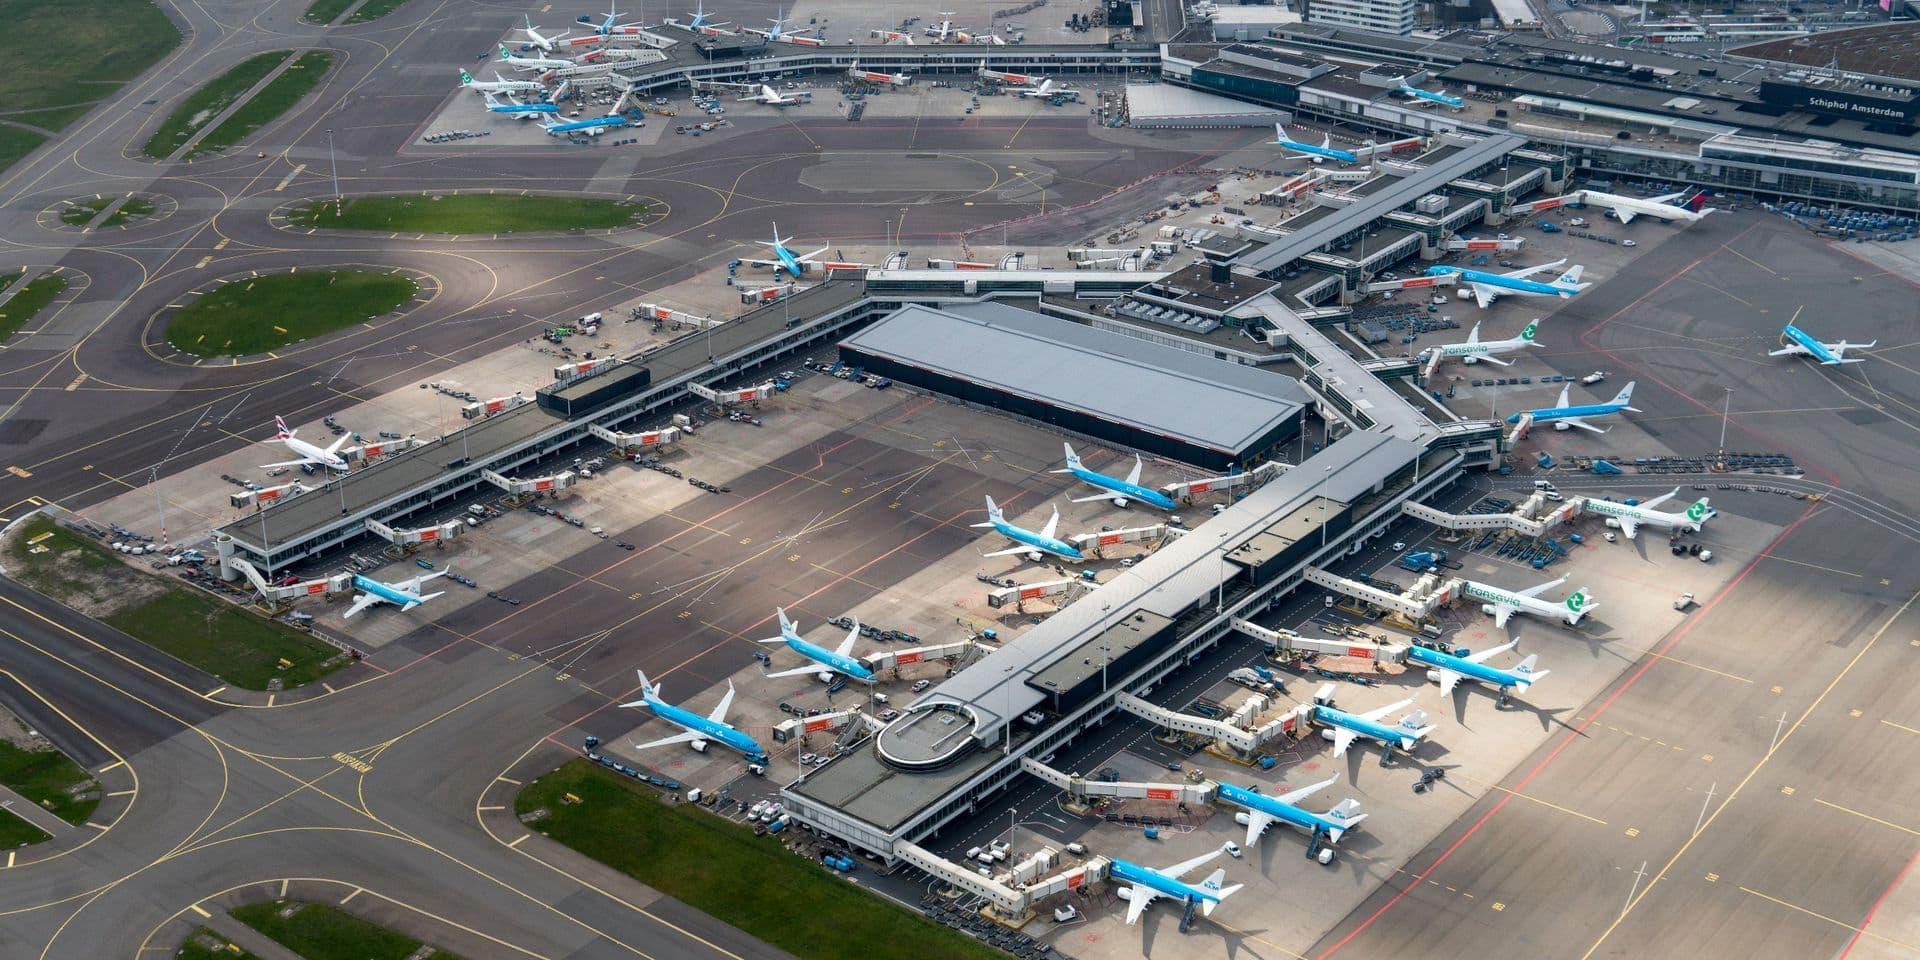 Des millions d'avions ont été cloués au sol pendant plusieurs mois, comme ici à Amsterdam.